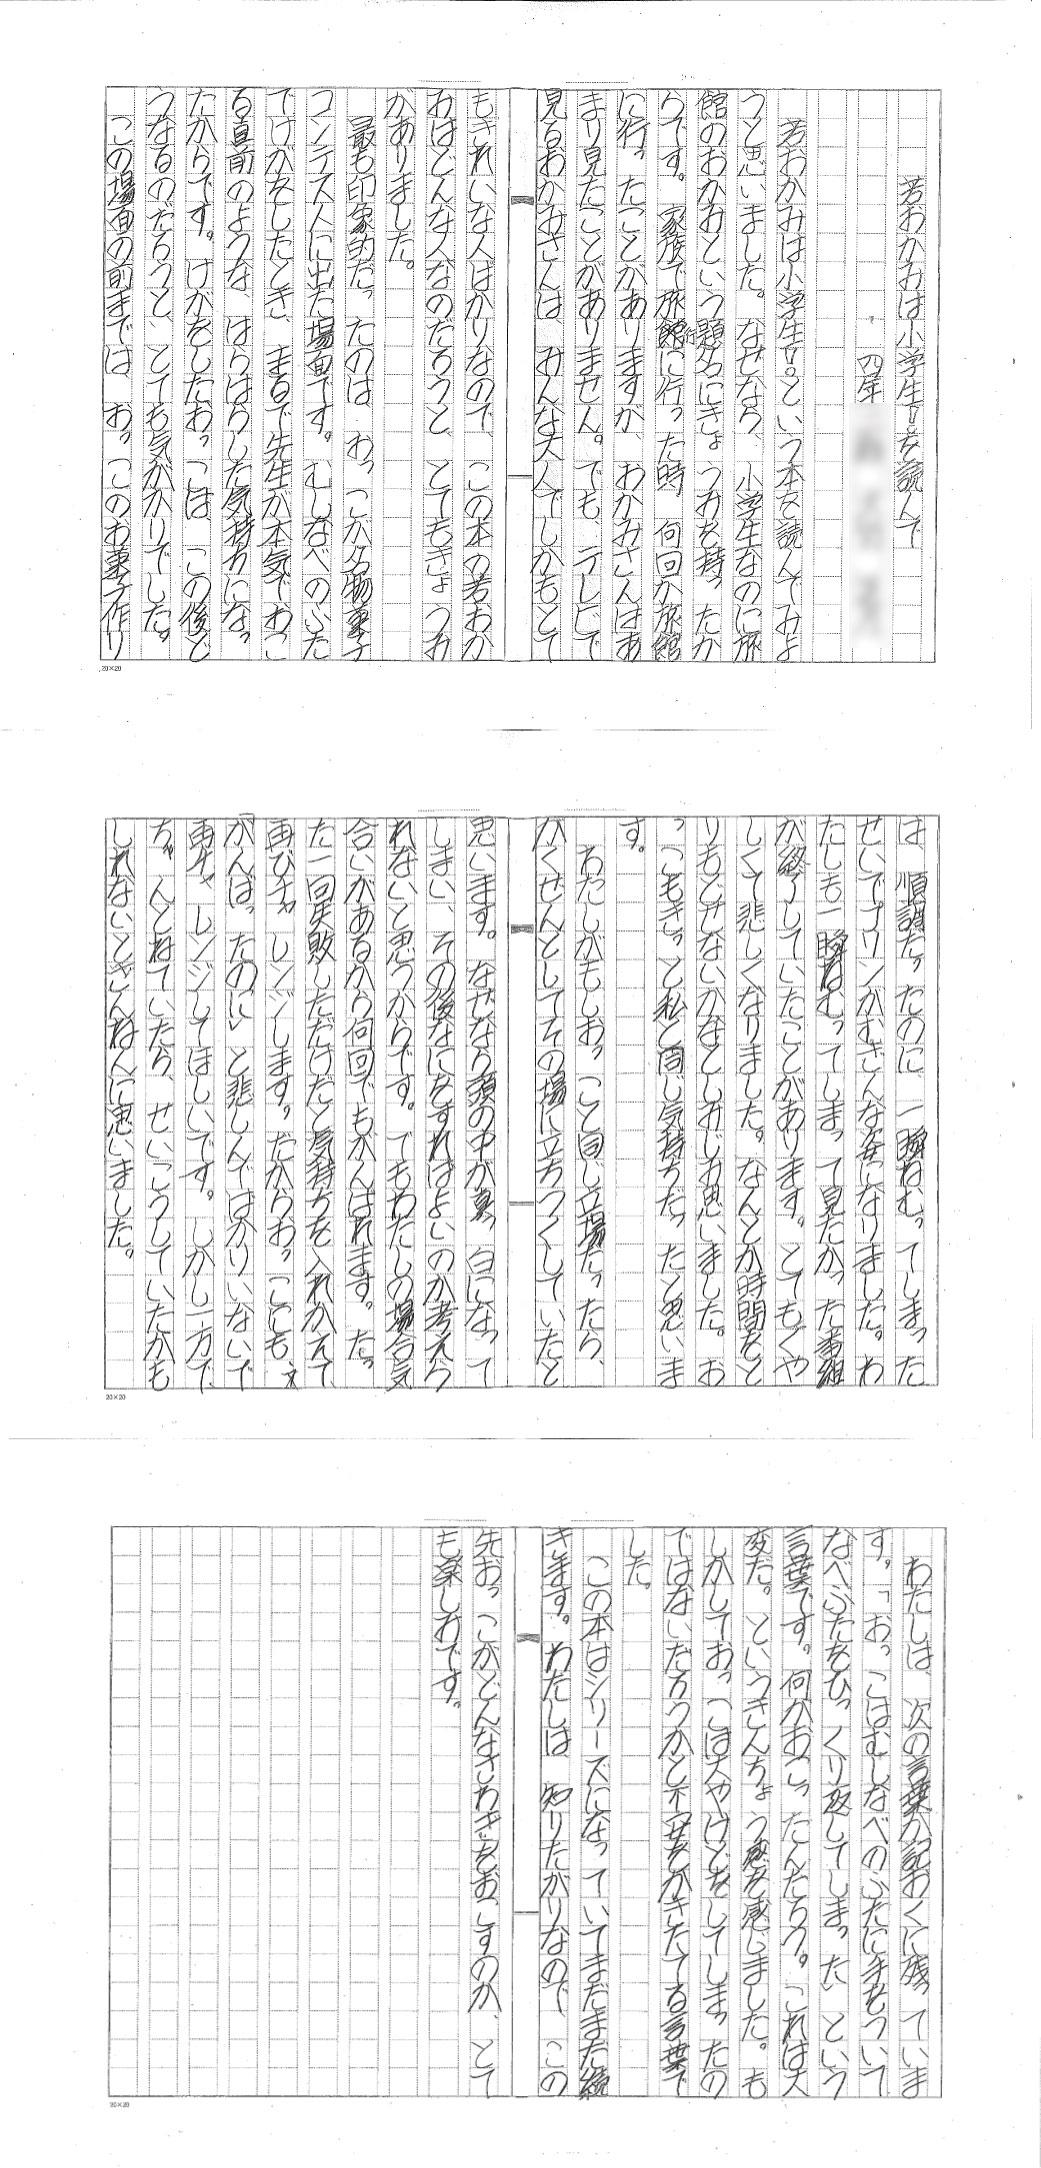 読書 感想 文 小学生 コピペ 読書感想文 例文集〜小学校・中学校・高校・社会人〜